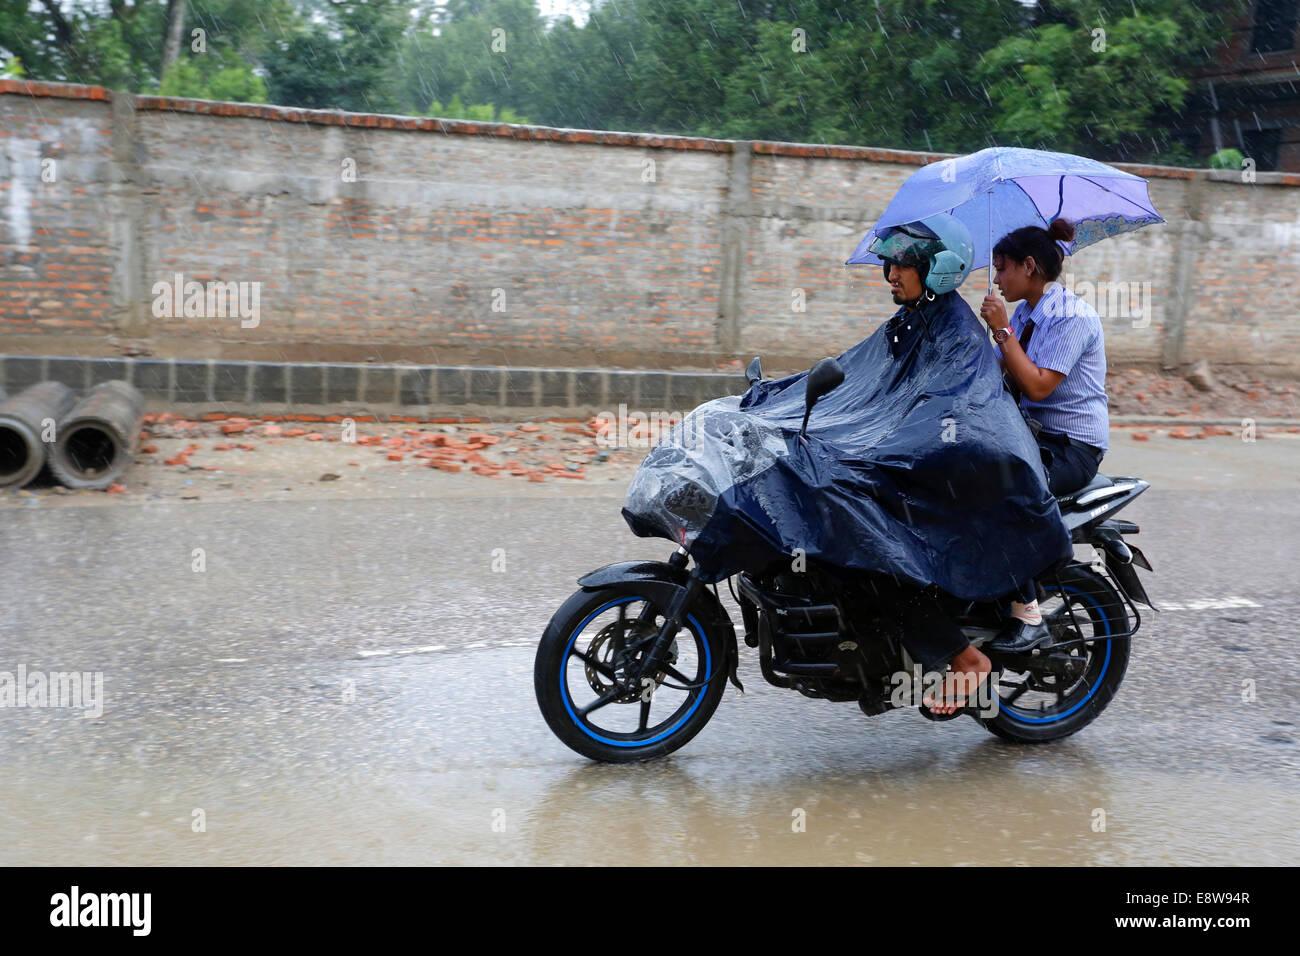 Les gens sur la moto sur route inondée après tempête de mousson, Katmandou, Népal Photo Stock